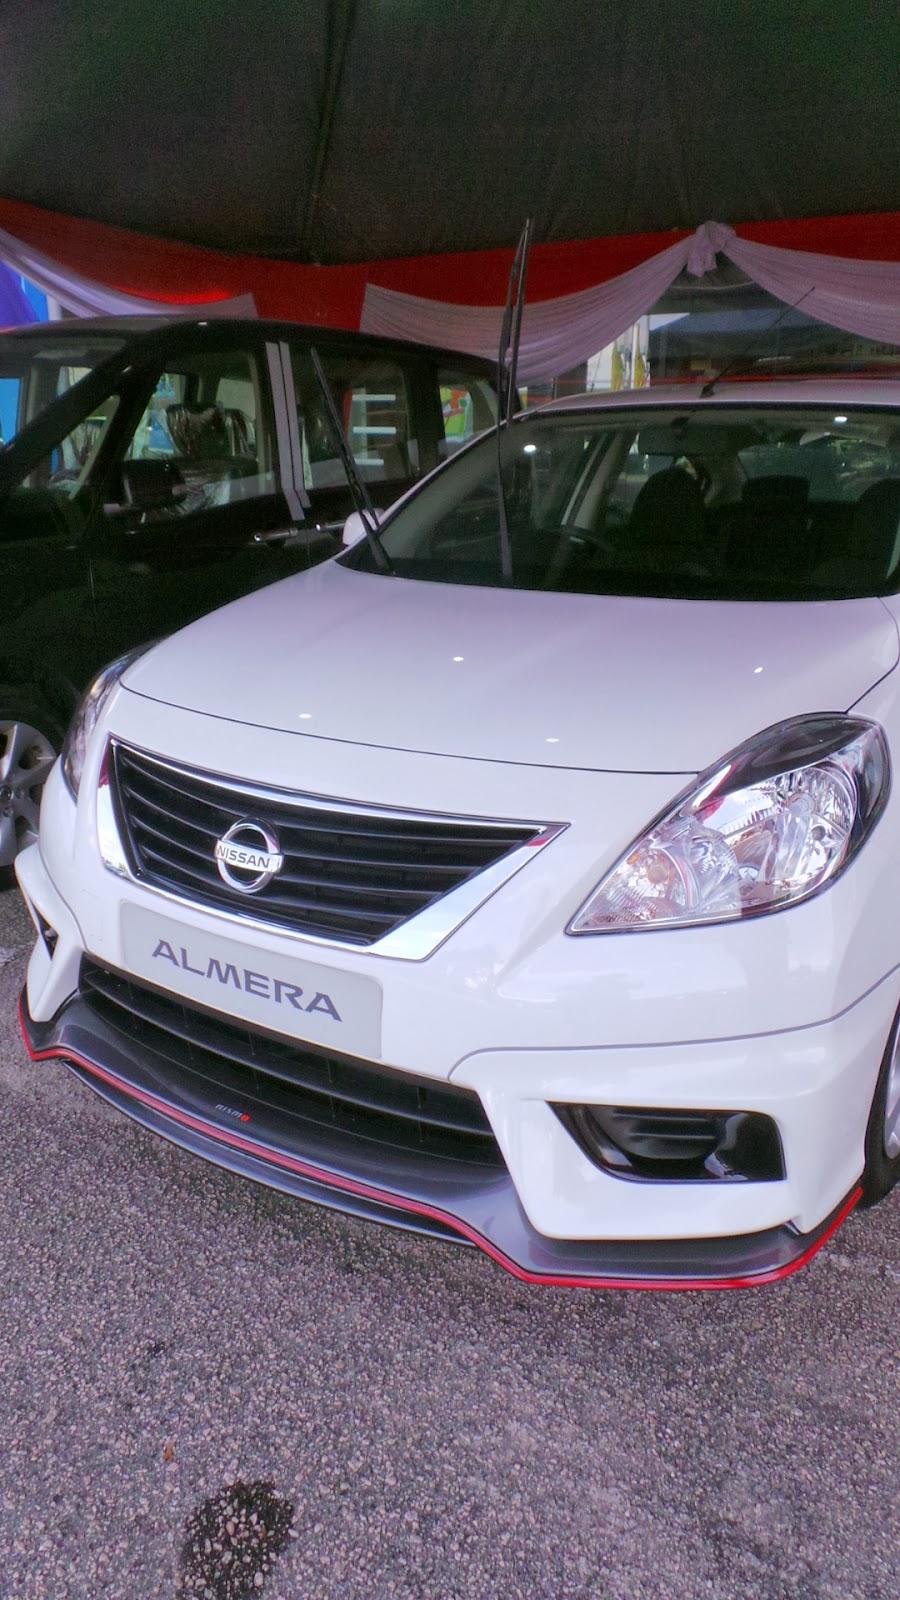 Nissan Almera How Its Become Reality Mknace Unlimited The Police Mtb Vancouver 10 Size 26 Inch Hitam Kuning Semua Pelik Kan Tetiba Ja Aku Boleh Berubah Fikiran At Last Sedia Untuk Jual Savvy Dan Amik Kereta Baru